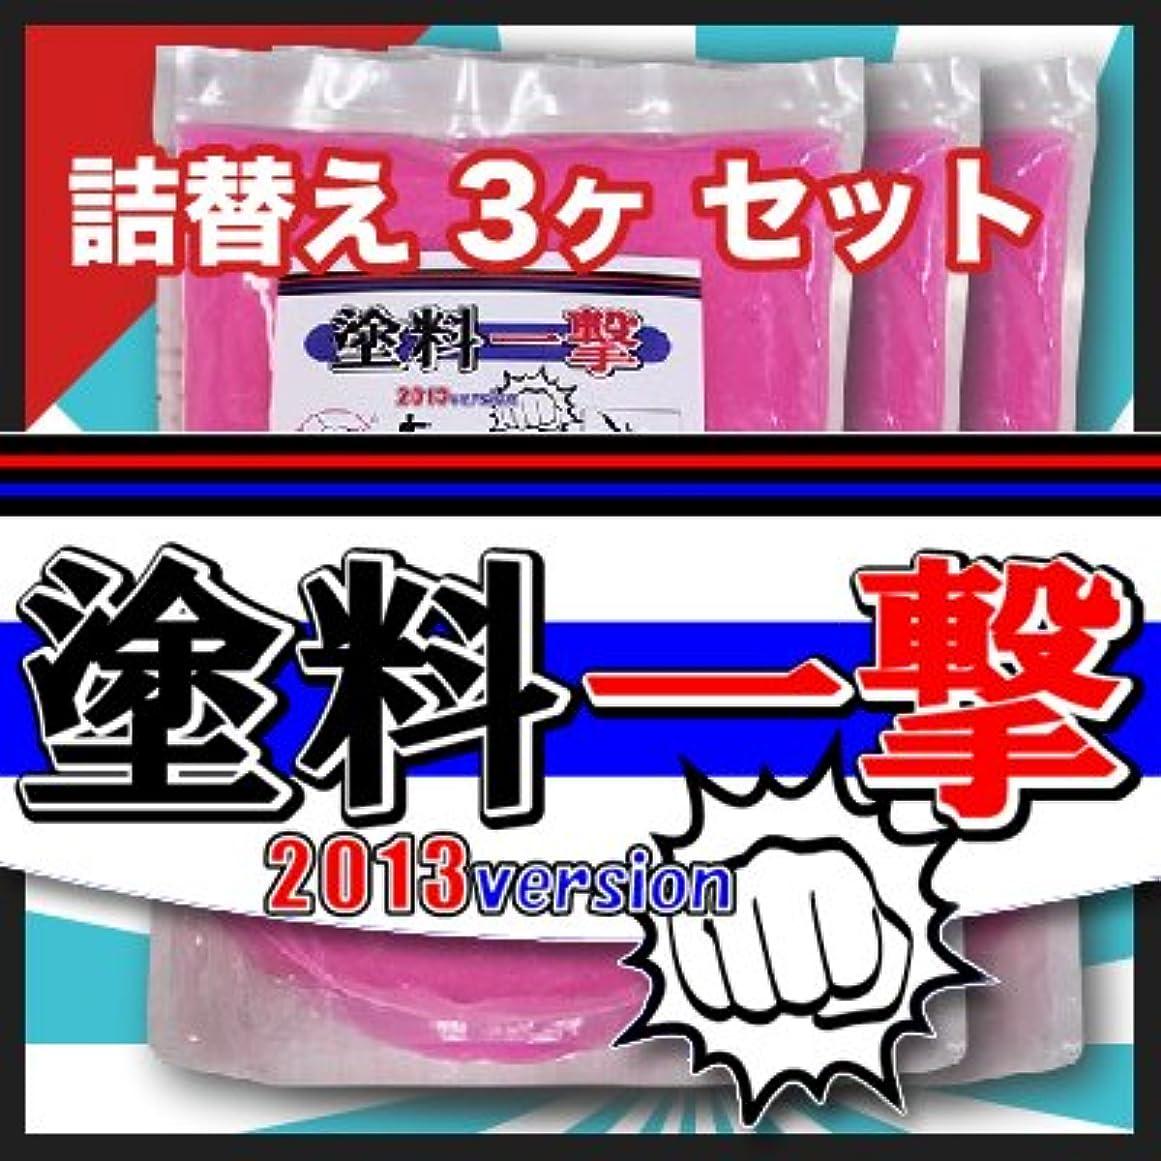 公爵スツールシットコムD.Iプランニング 塗料一撃 2013 Version 詰替え (1.2kg x 3ヶ)